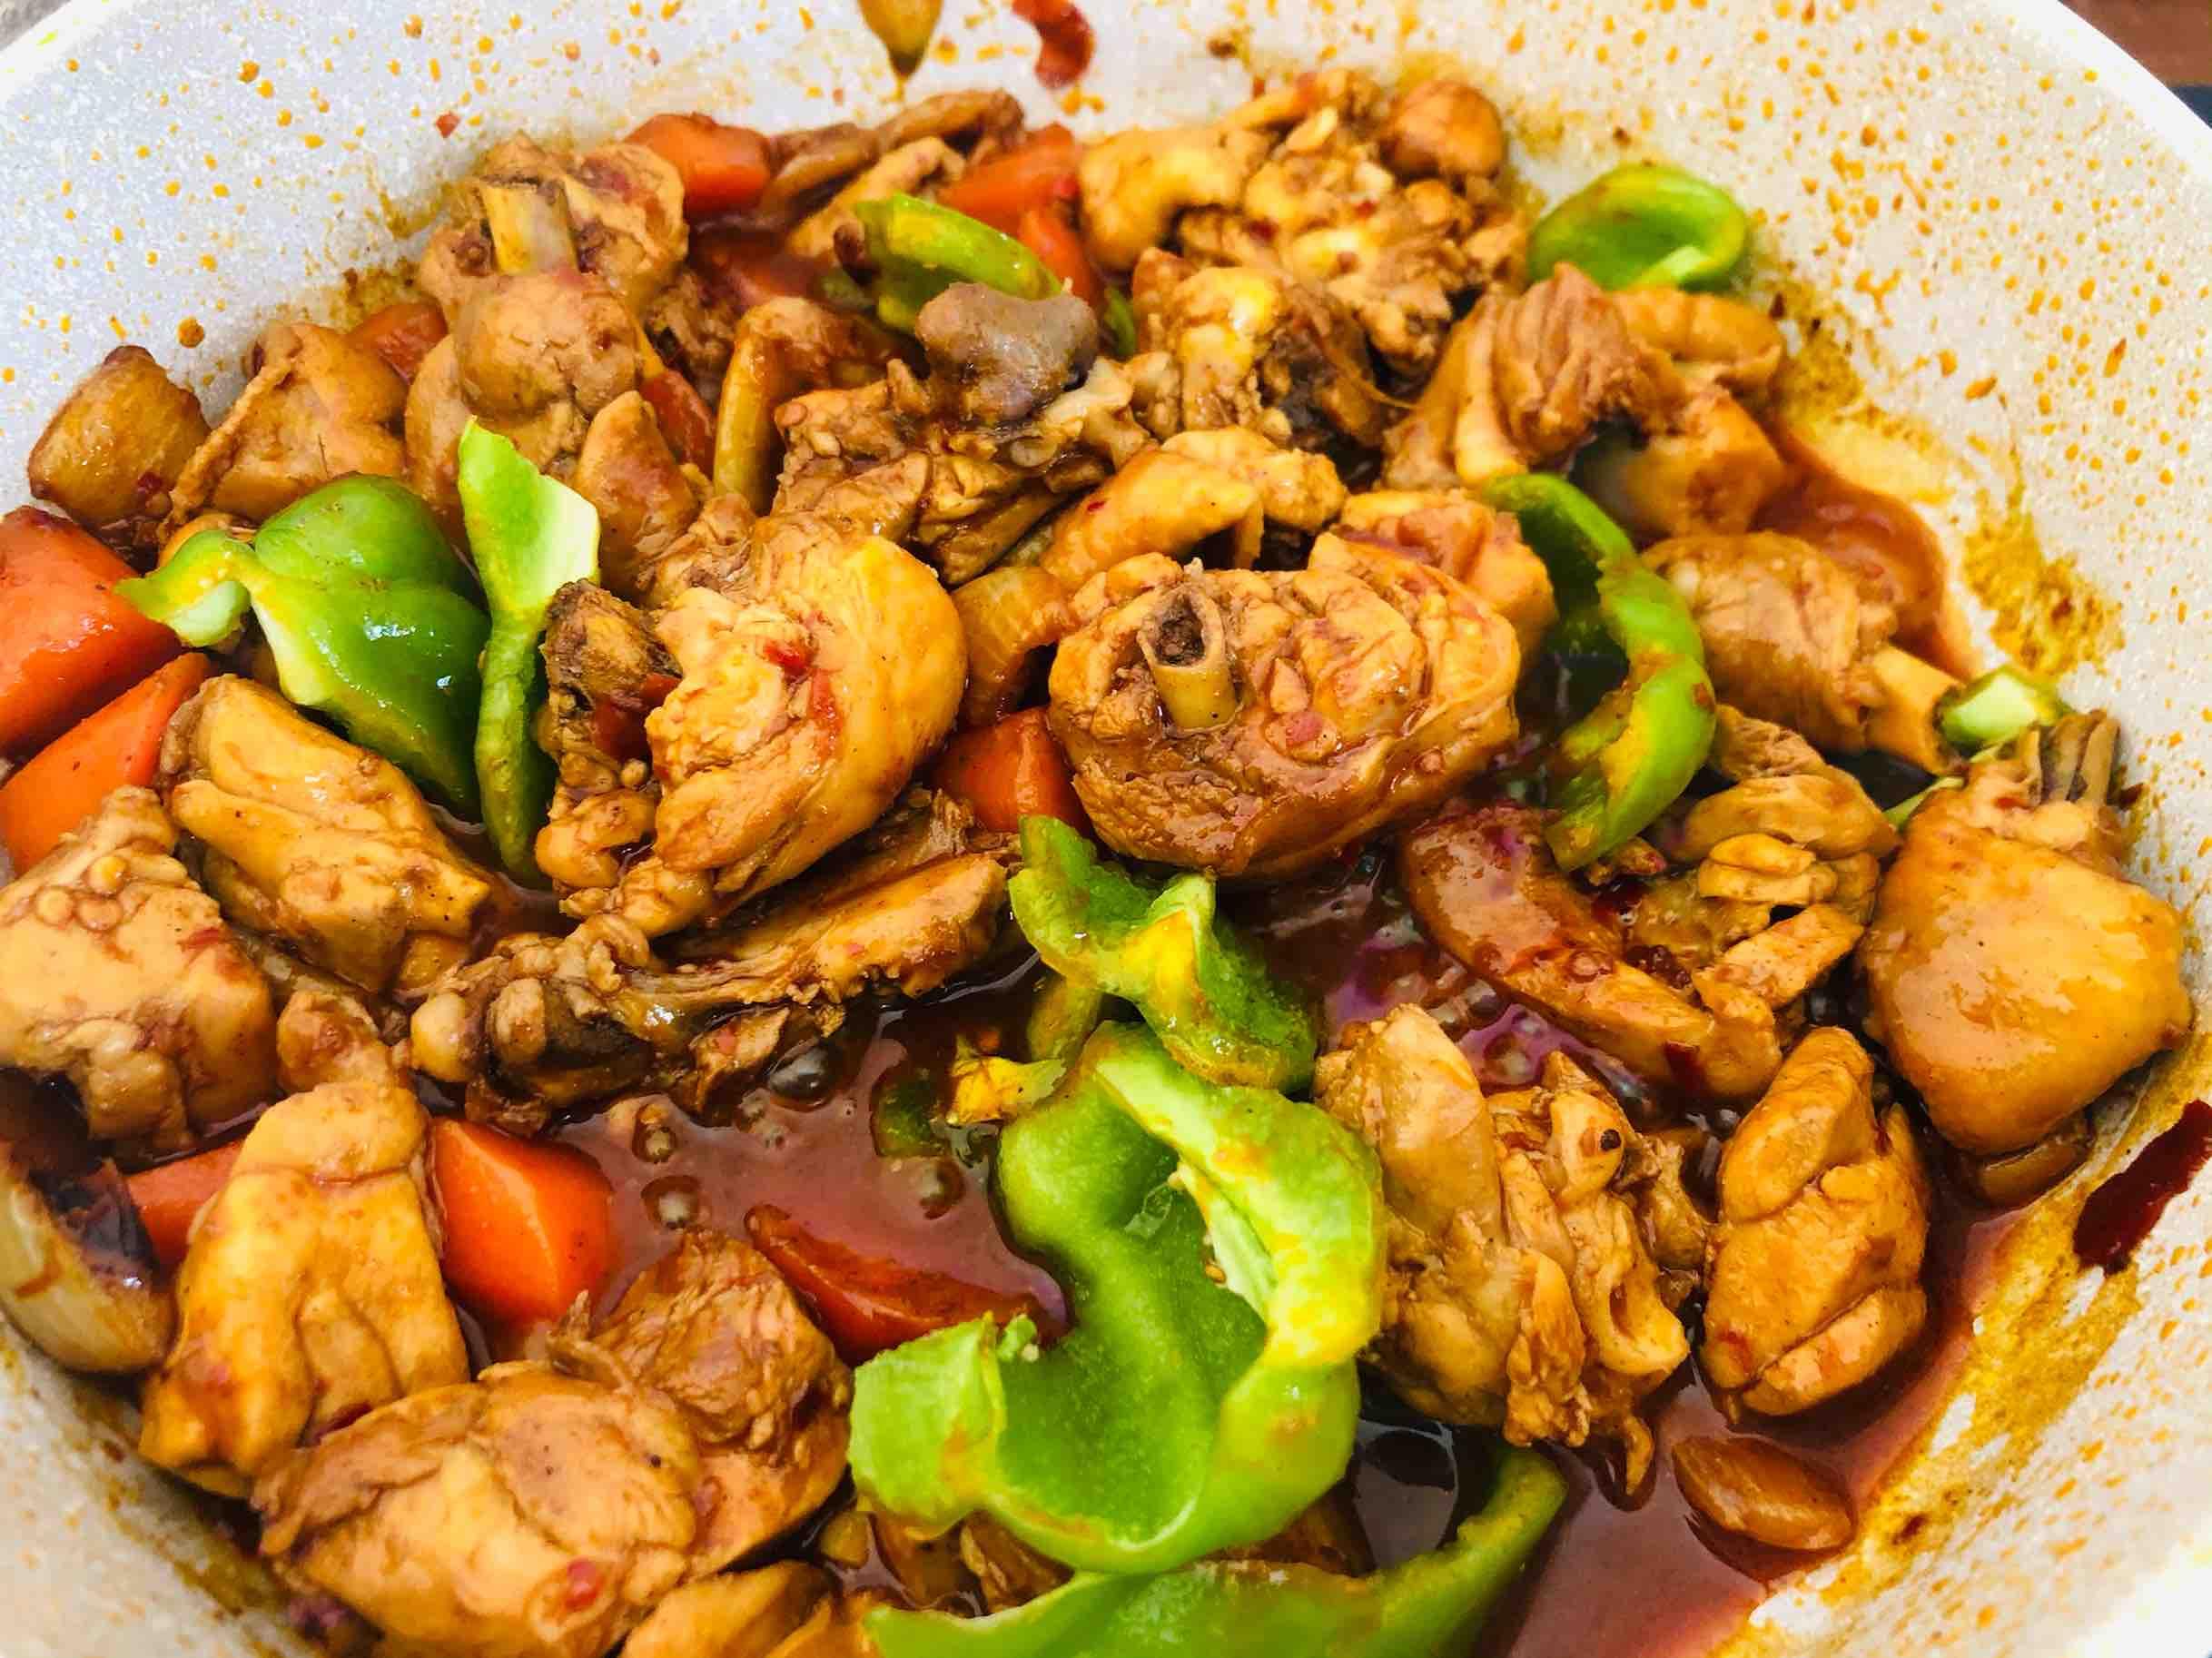 火锅鸡的家常做法,香辣过瘾简单易做,配米饭太下饭啦怎样炒